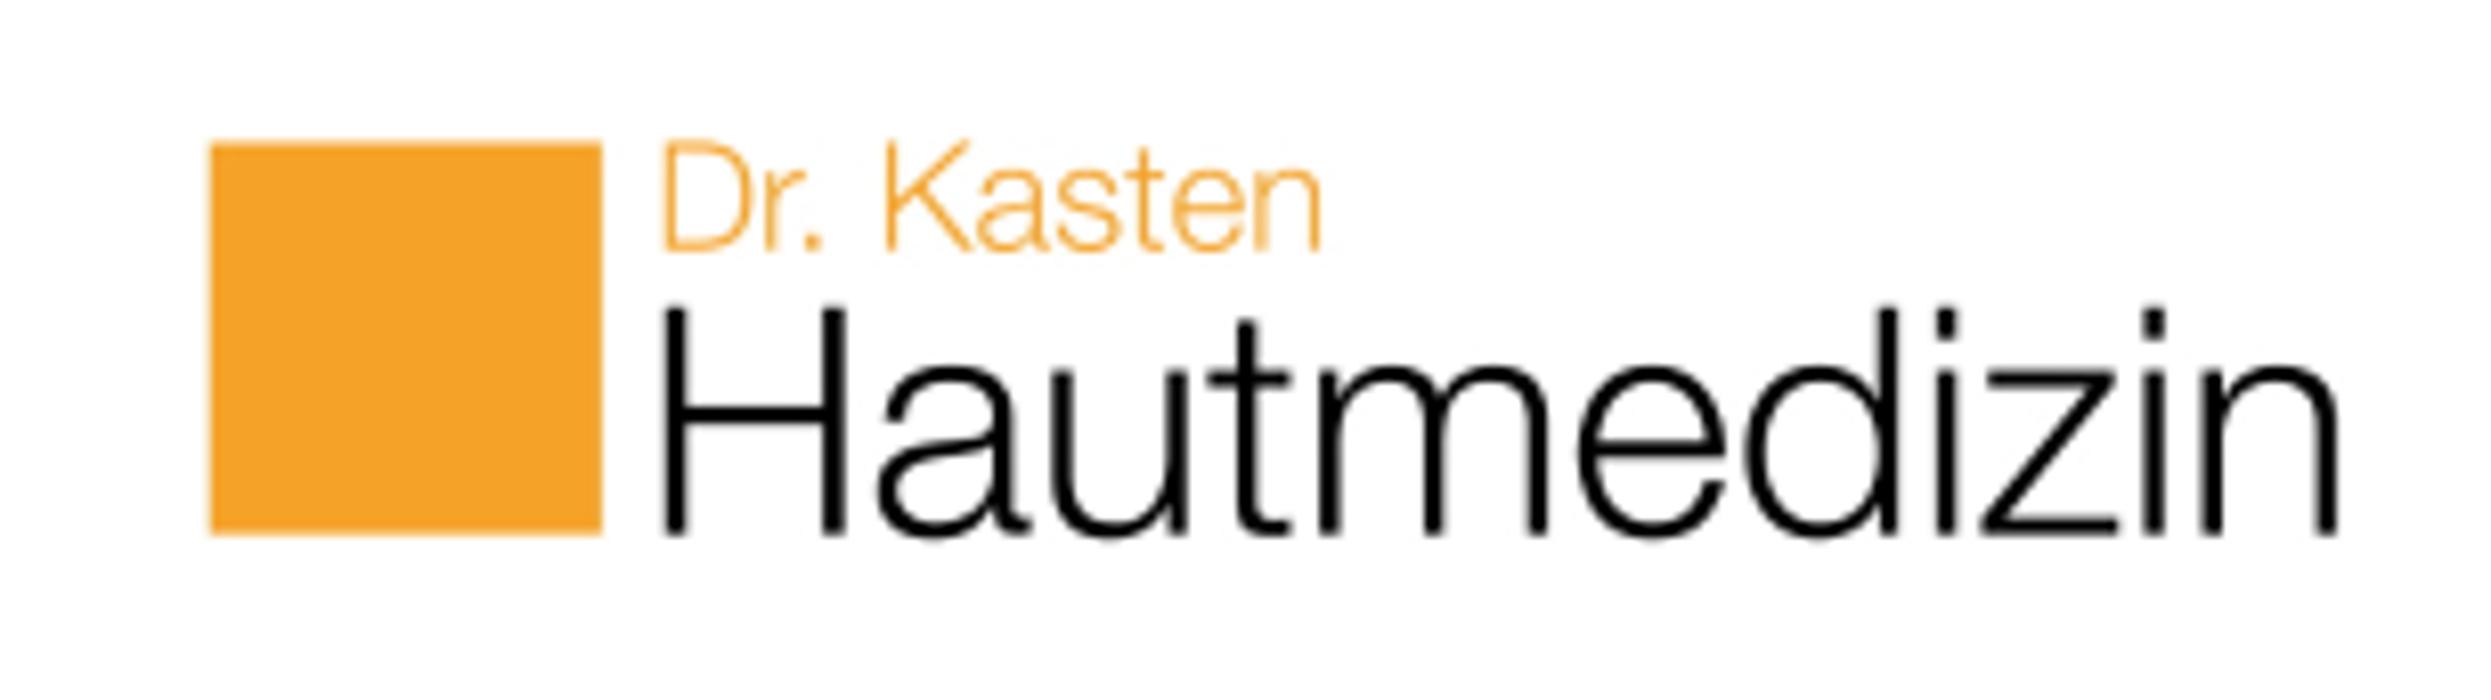 Bild zu Dr. Kasten - Hautmedizin in Mainz